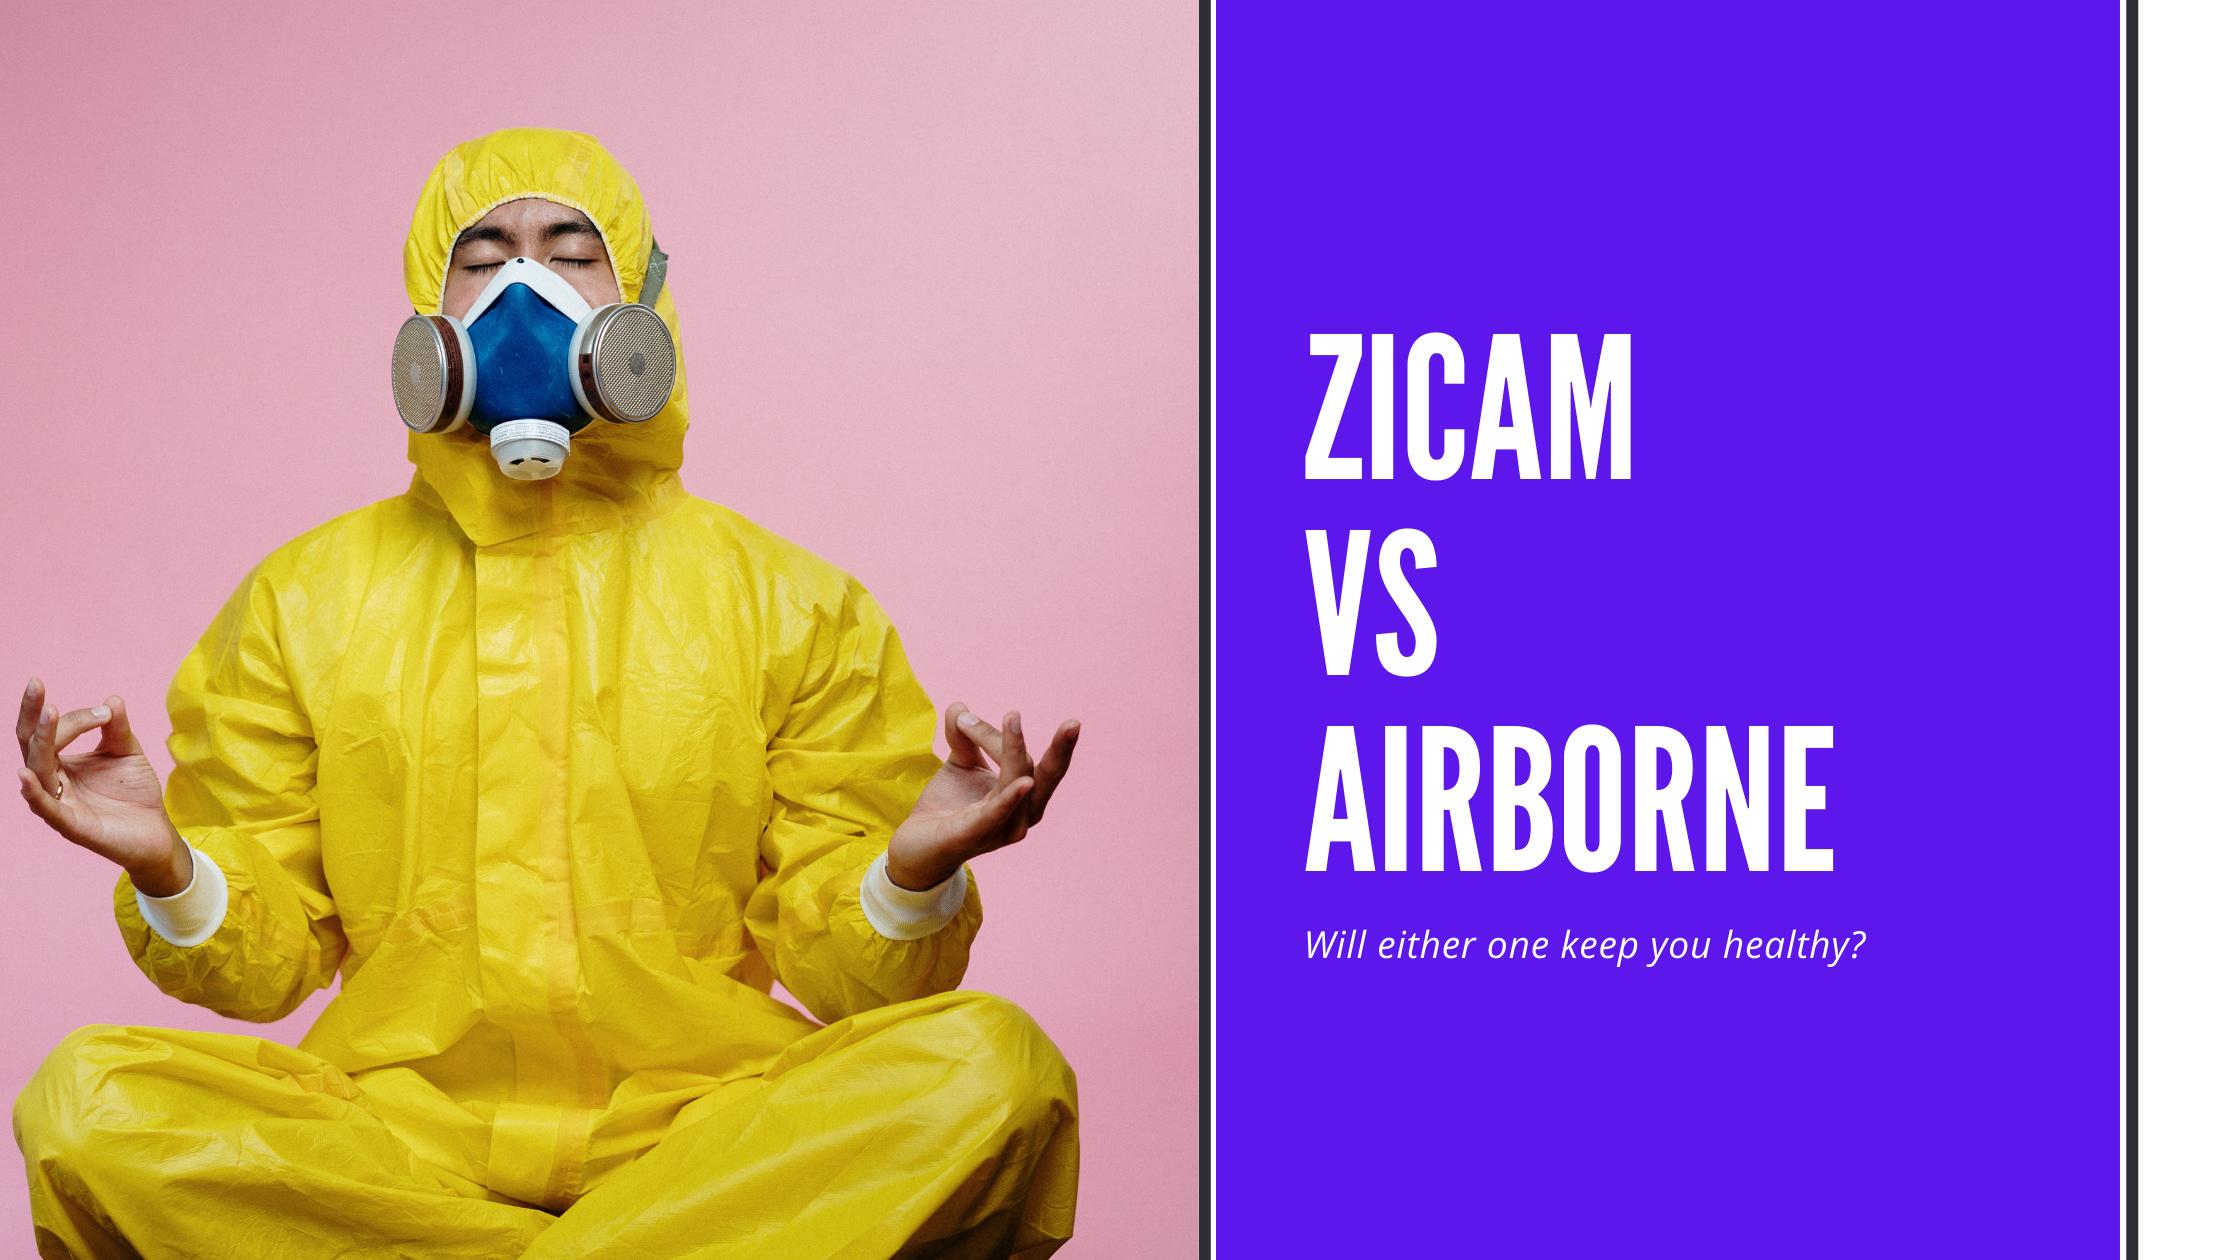 Zicam vs Airborne